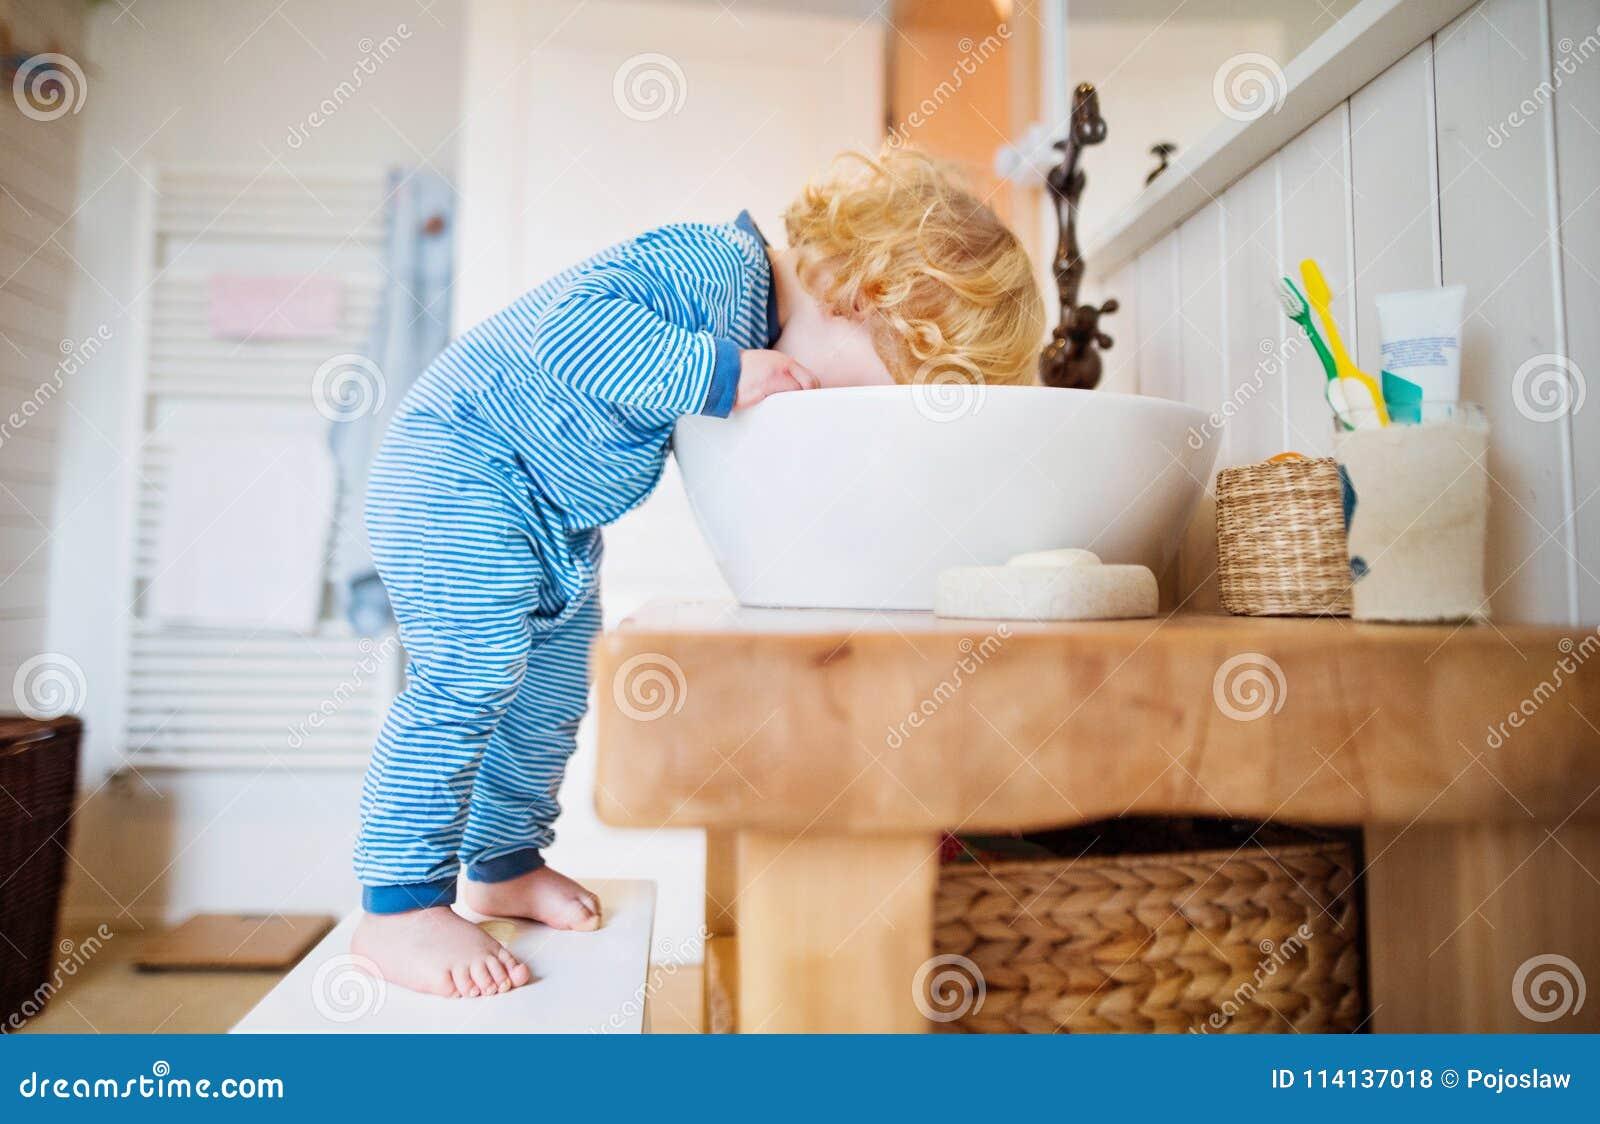 Menino da criança em uma situação perigosa no banheiro